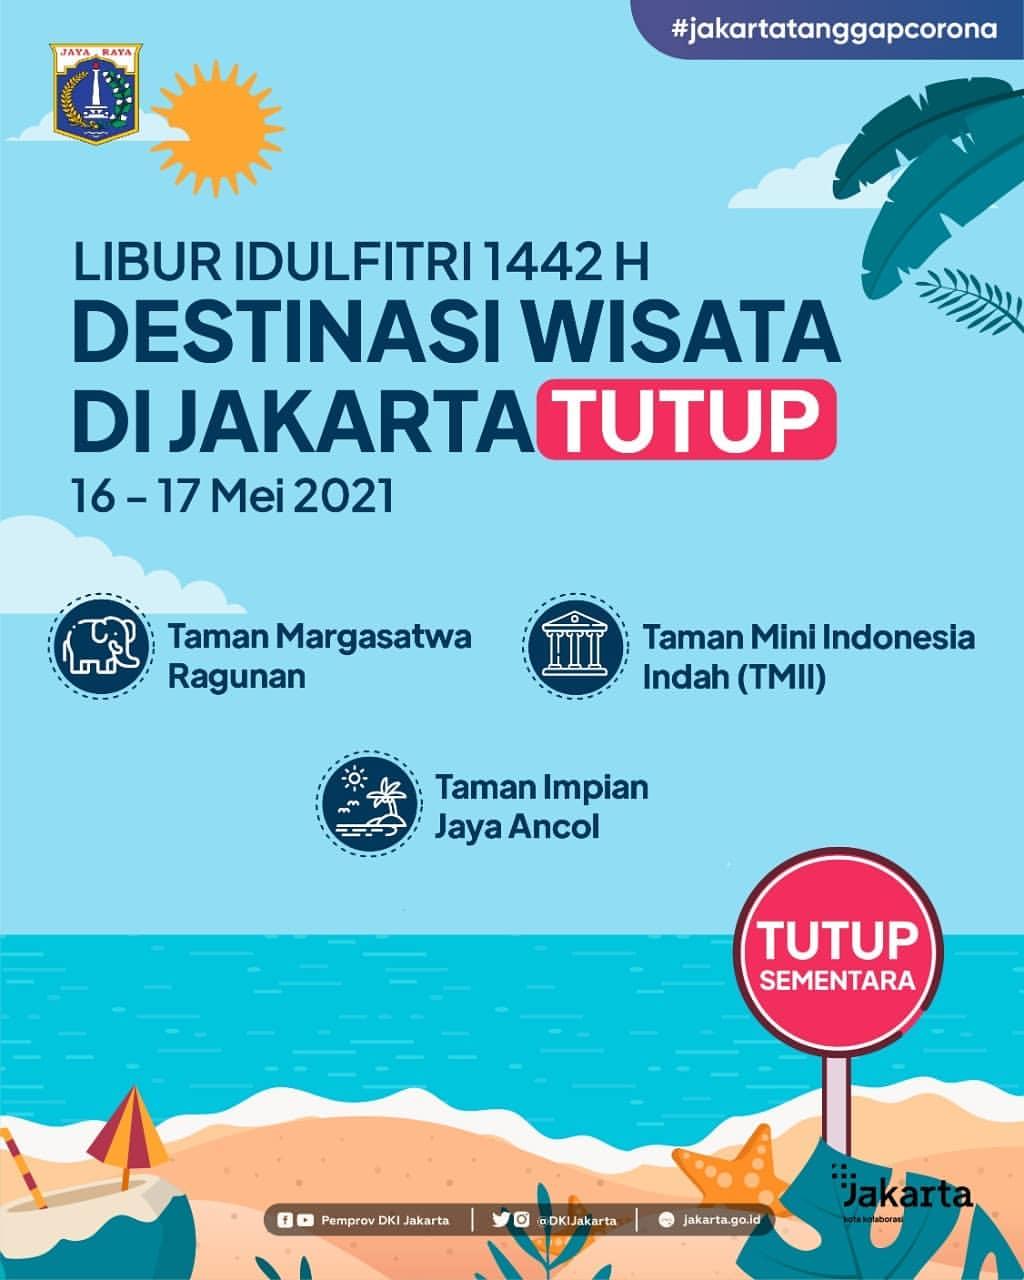 Tiga Kawasan Wisata Di Jakarta, Ditutup Sementara